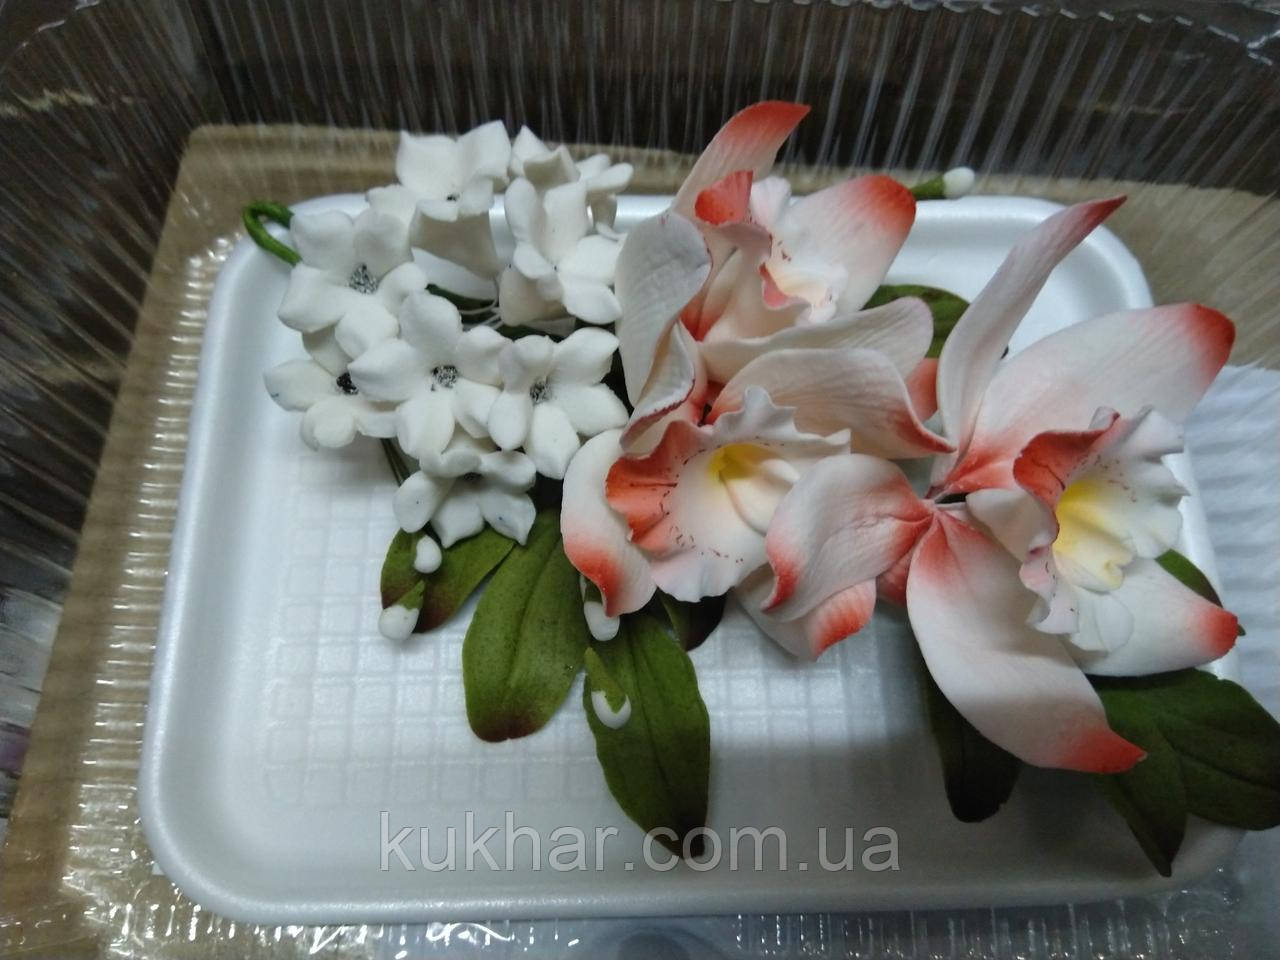 Букет орхідеї великої з листками і дзвіночками L 250